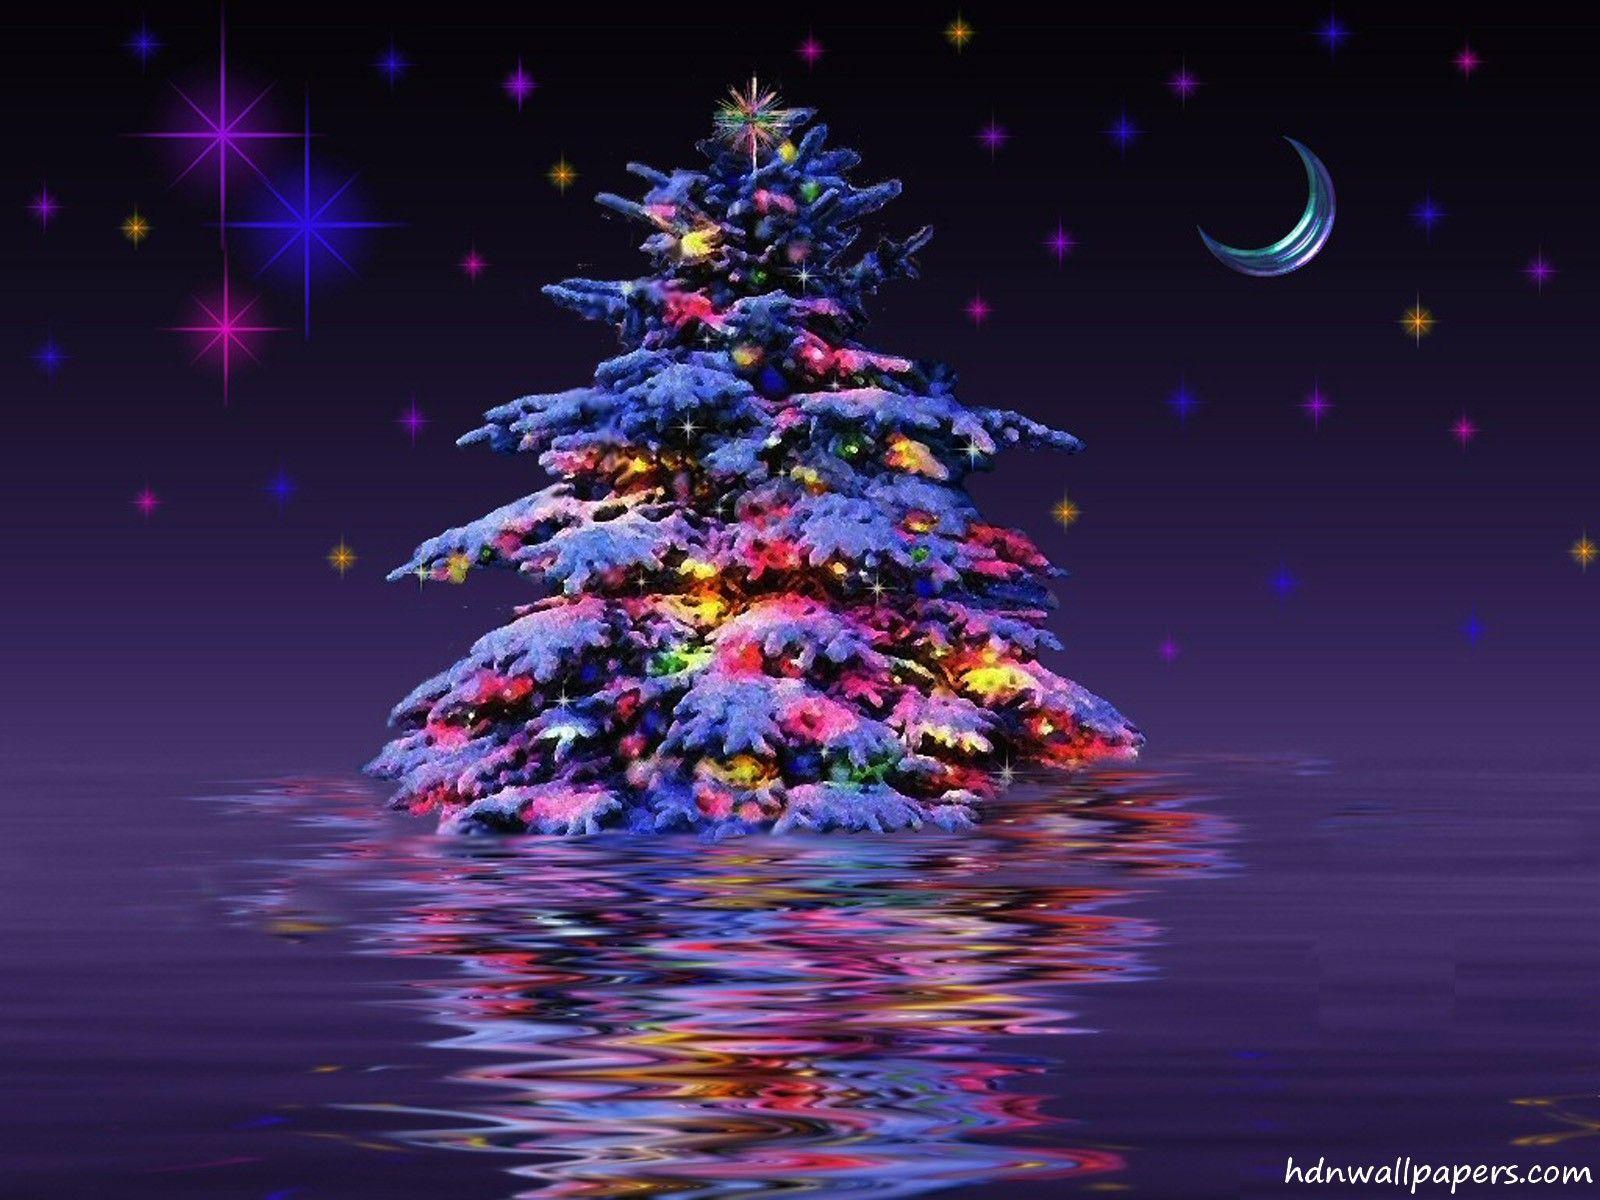 Animated Christmas Wallpapers For Desktop, Fantastic Christmas .